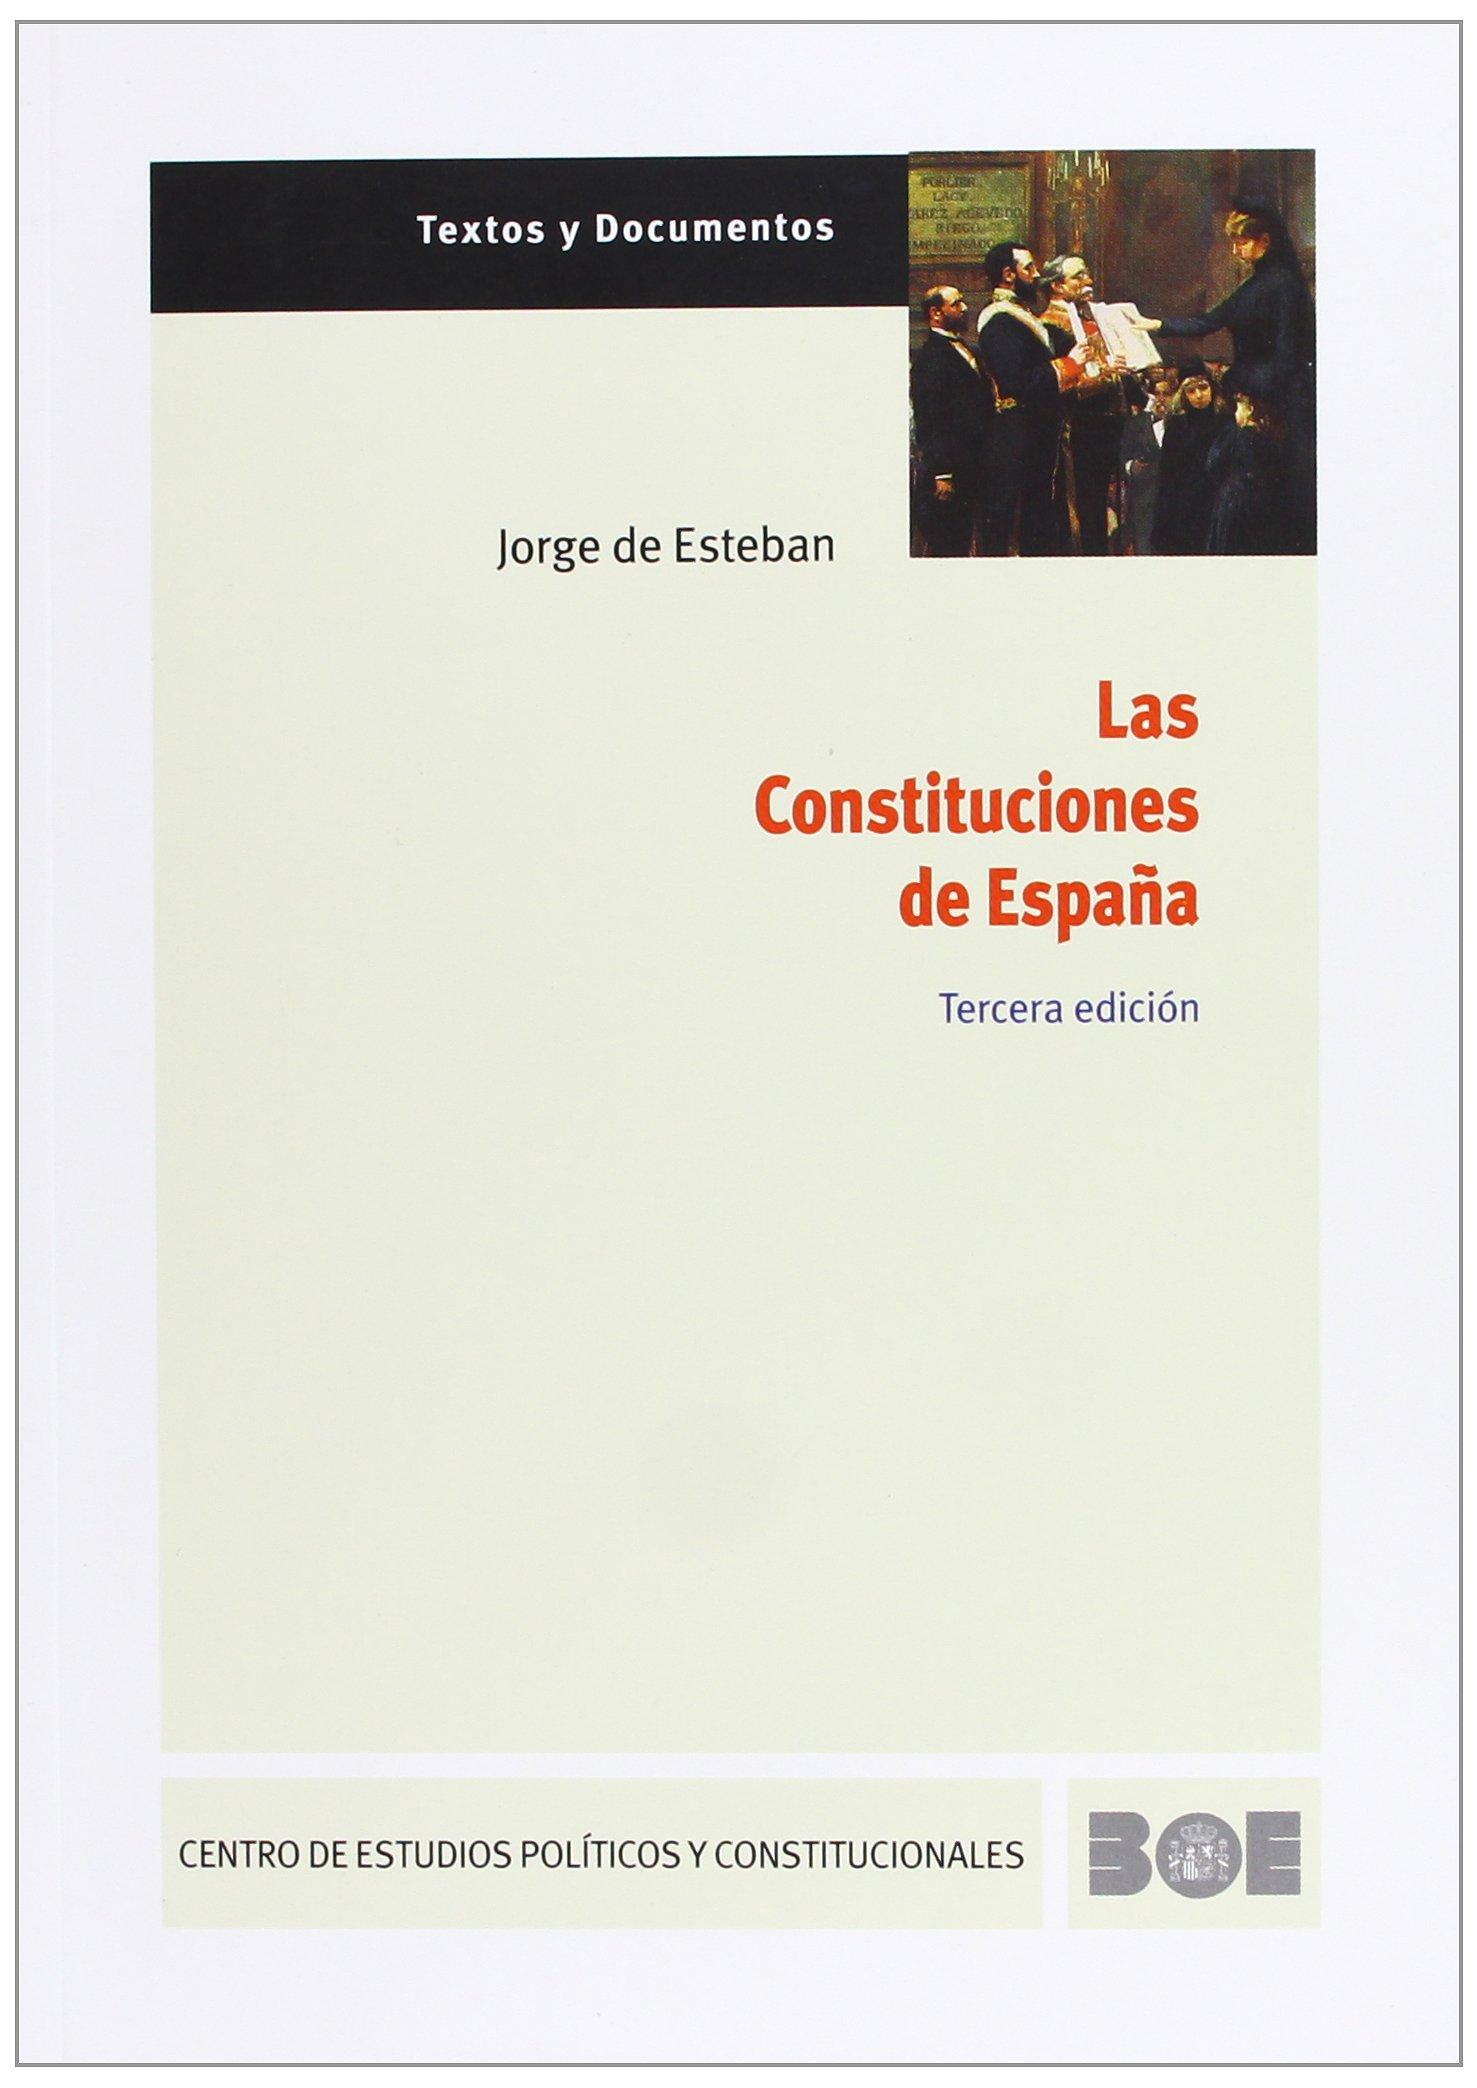 Las Constituciones de España: 1 Textos y Documentos CEPC: Amazon ...